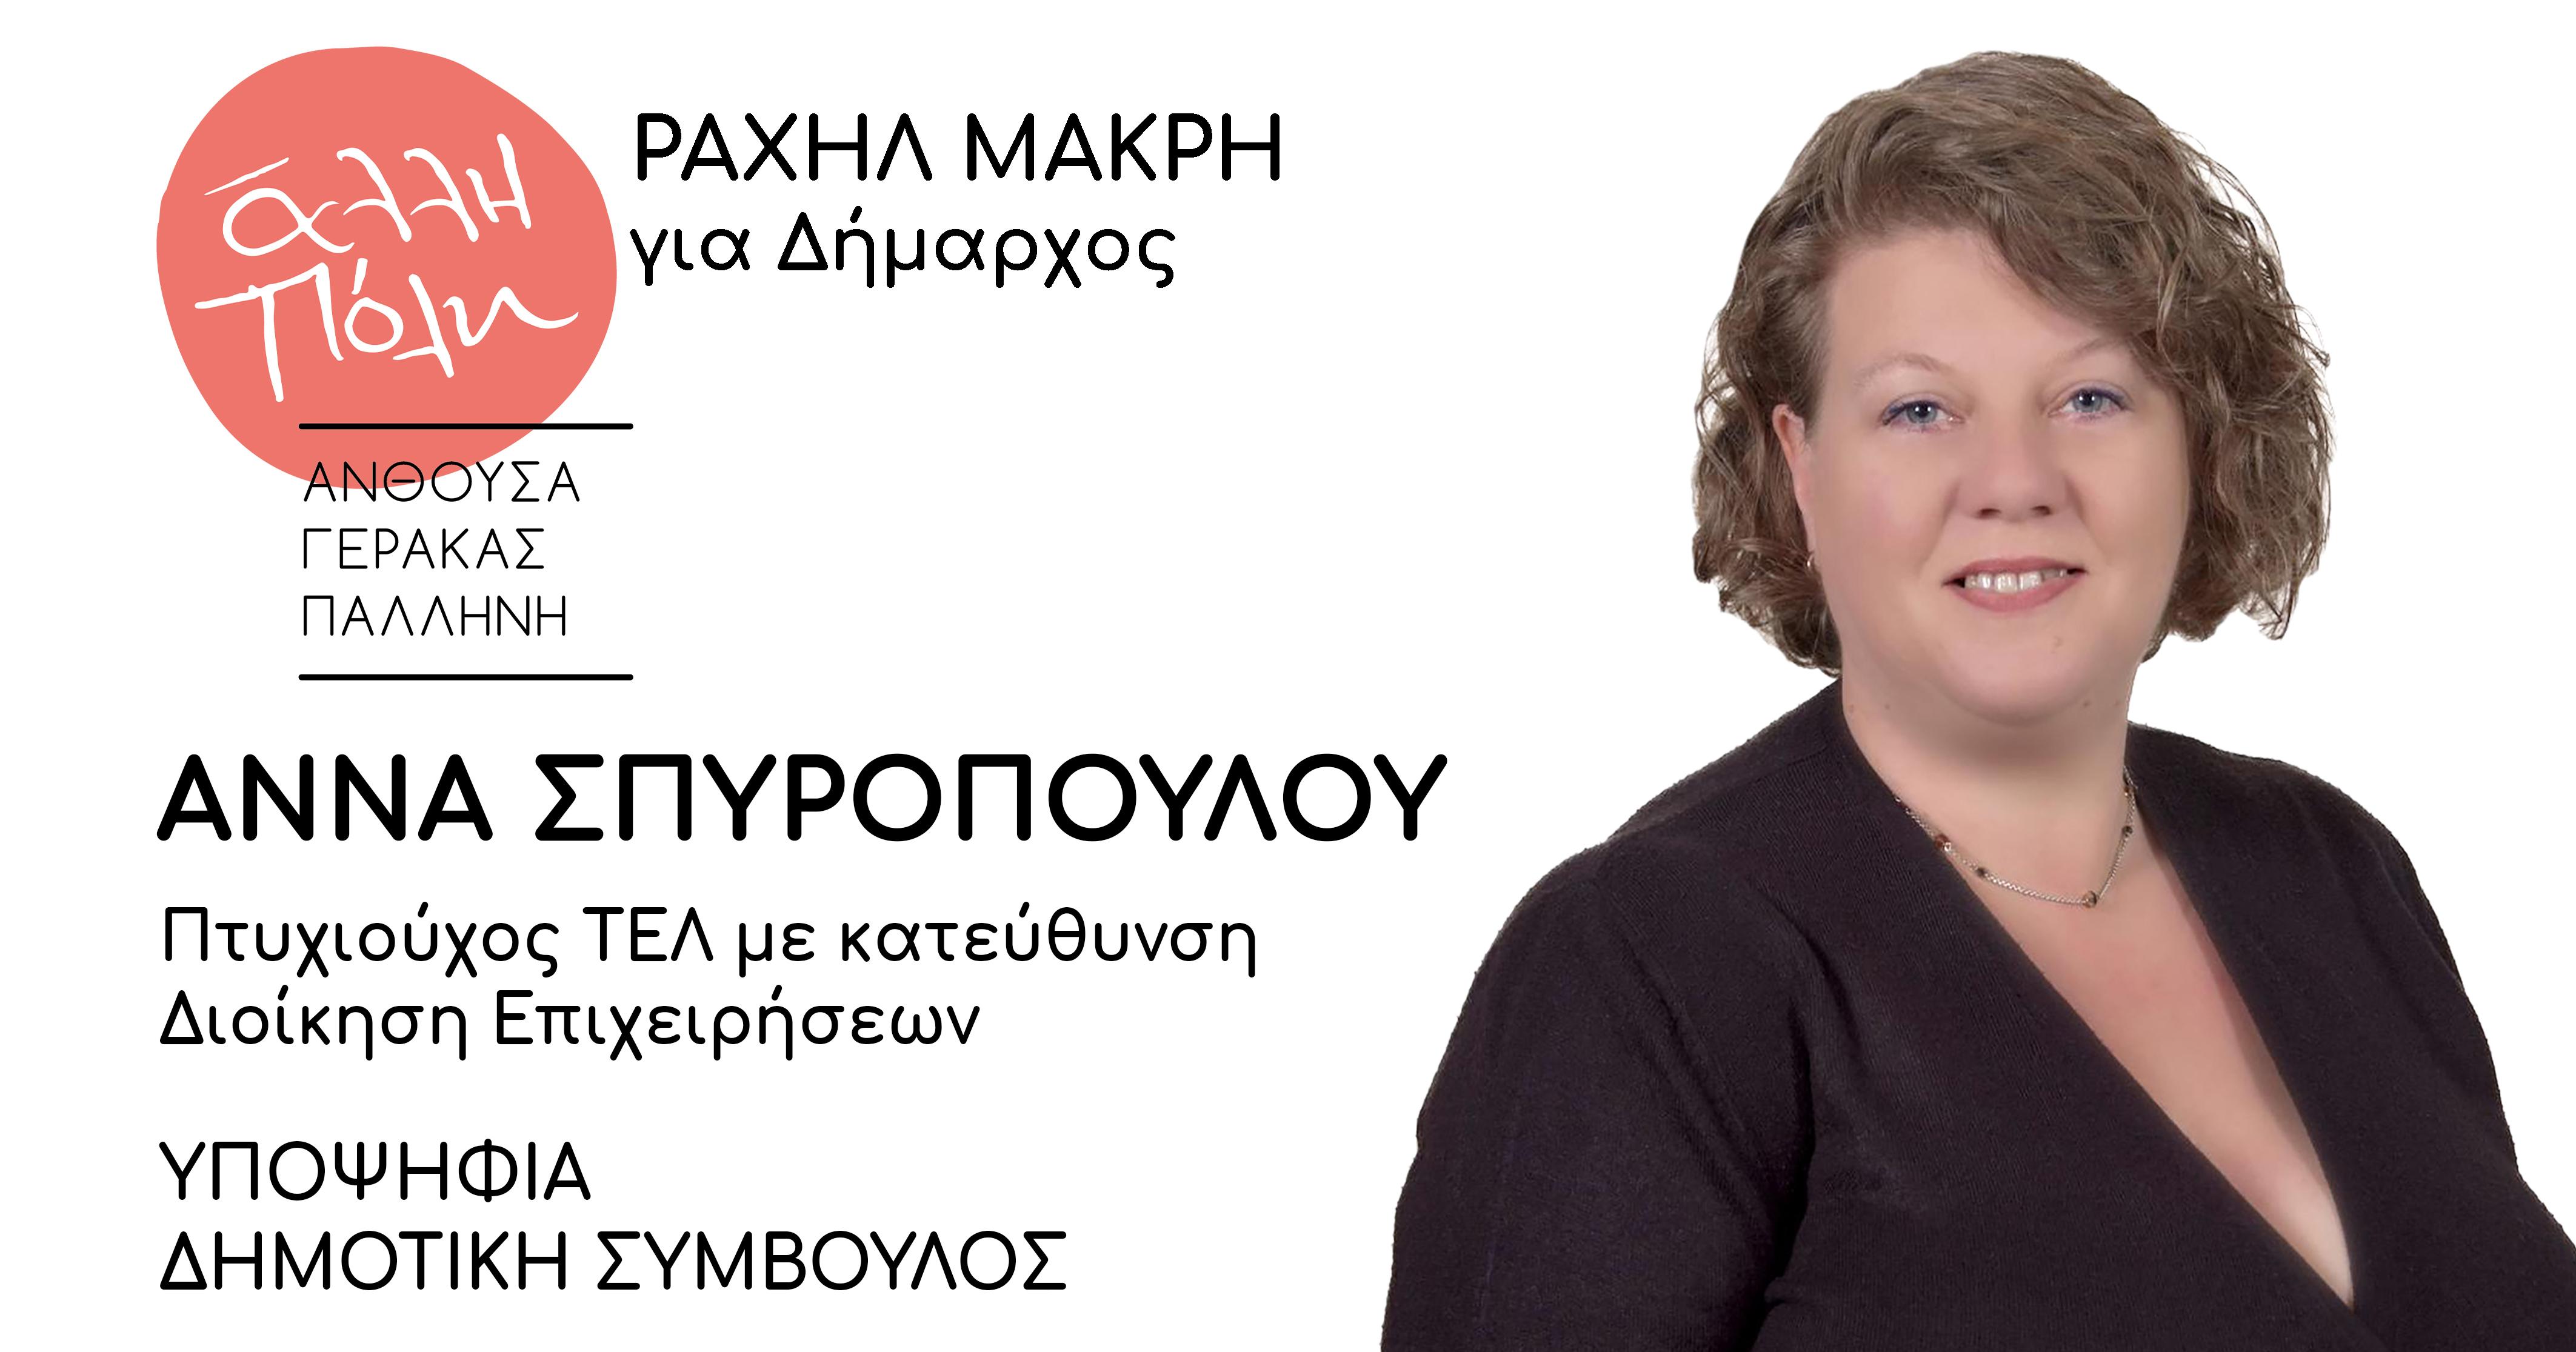 Υποψήφια Δημοτική Σύμβουλος – Άννα Σπυροπούλου